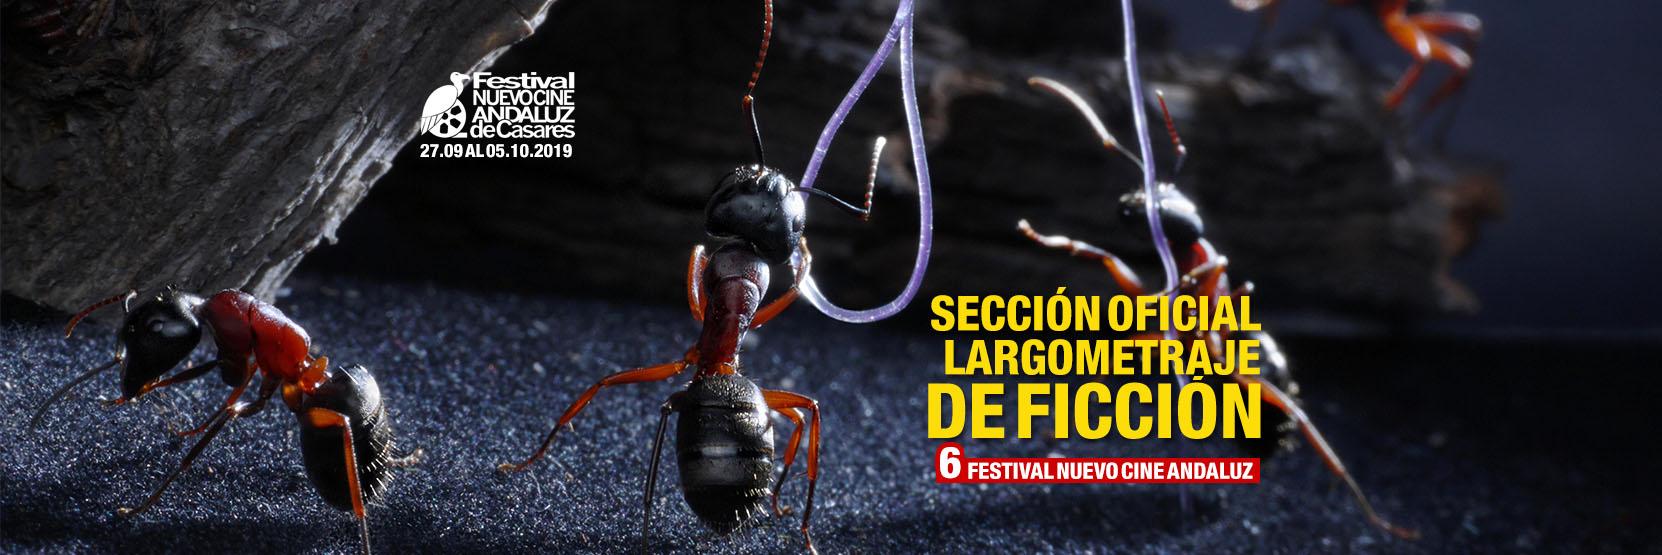 Concurso de Largometrajes Nuevo Cine Andaluz 2019